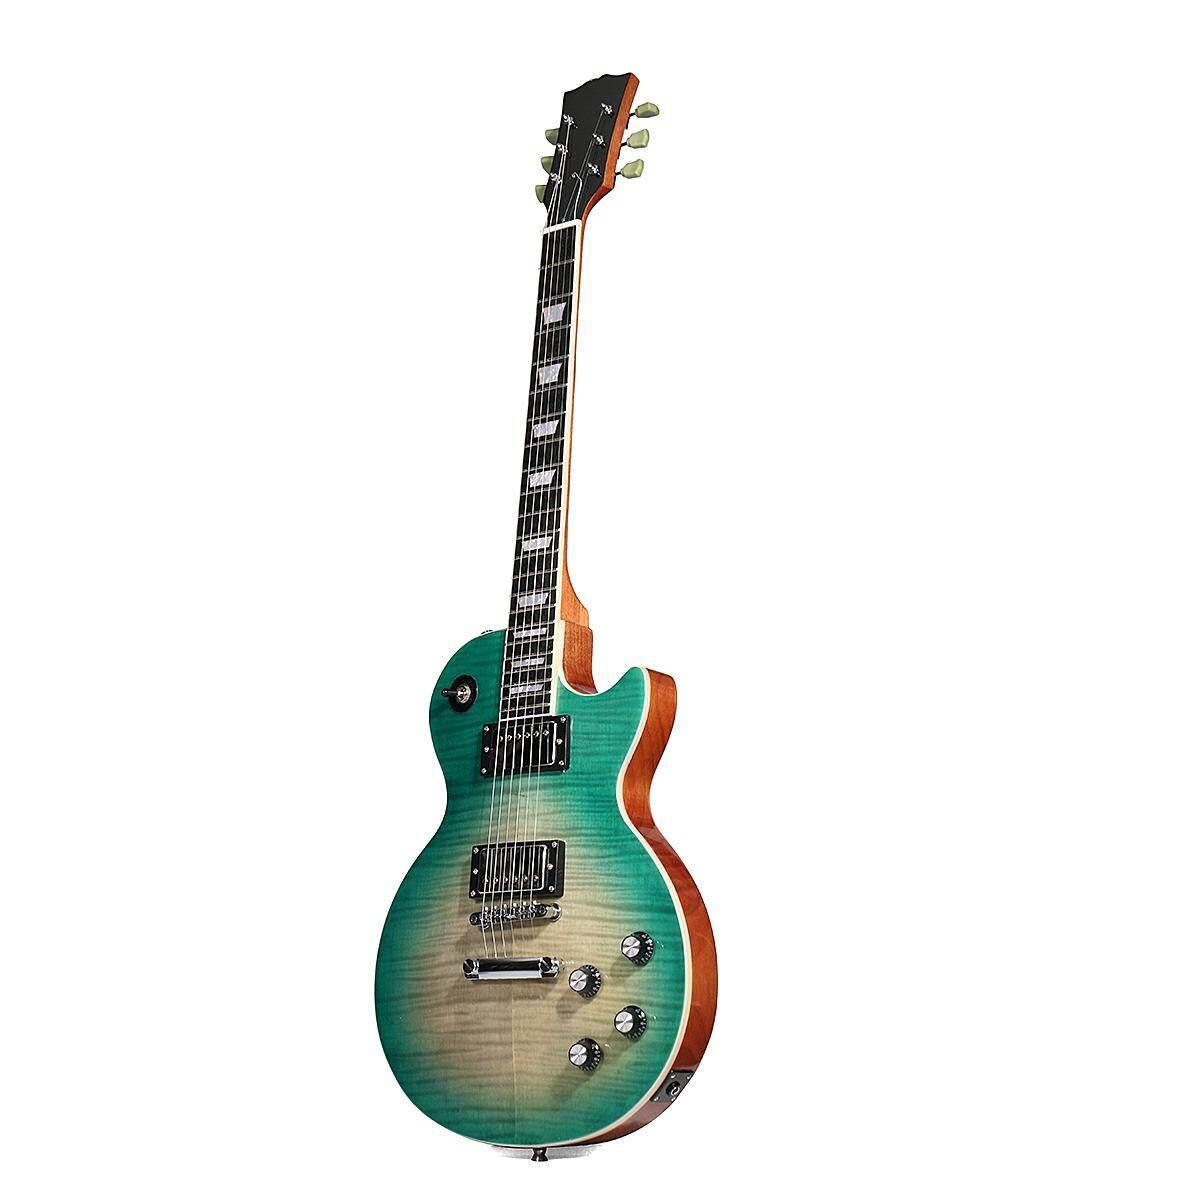 Delapan Musik Tas Gitar Elektrik Blue Daftar Harga Terlengkap Varetta Black Hitam L Starshine 1959 Lp Standard Electric Guitar Solid Mahogany Body Flamed Maple Top